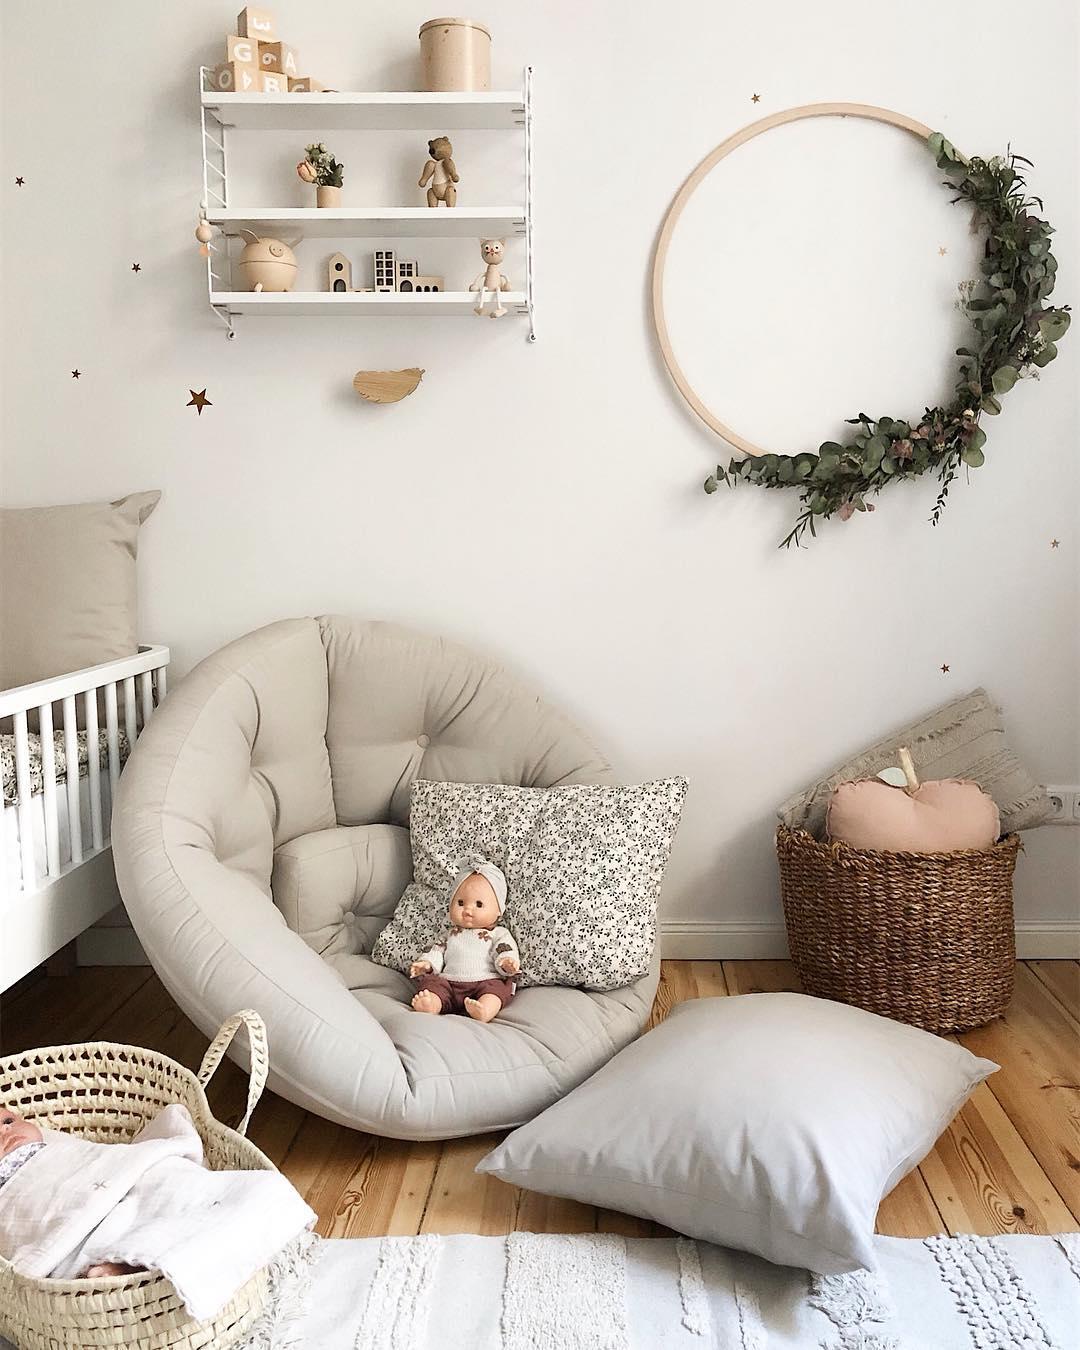 couleur pastel chambre enfant coin détente coussin de sol gris parquet bois - blog déco scandinave bucolique - clem around the corner